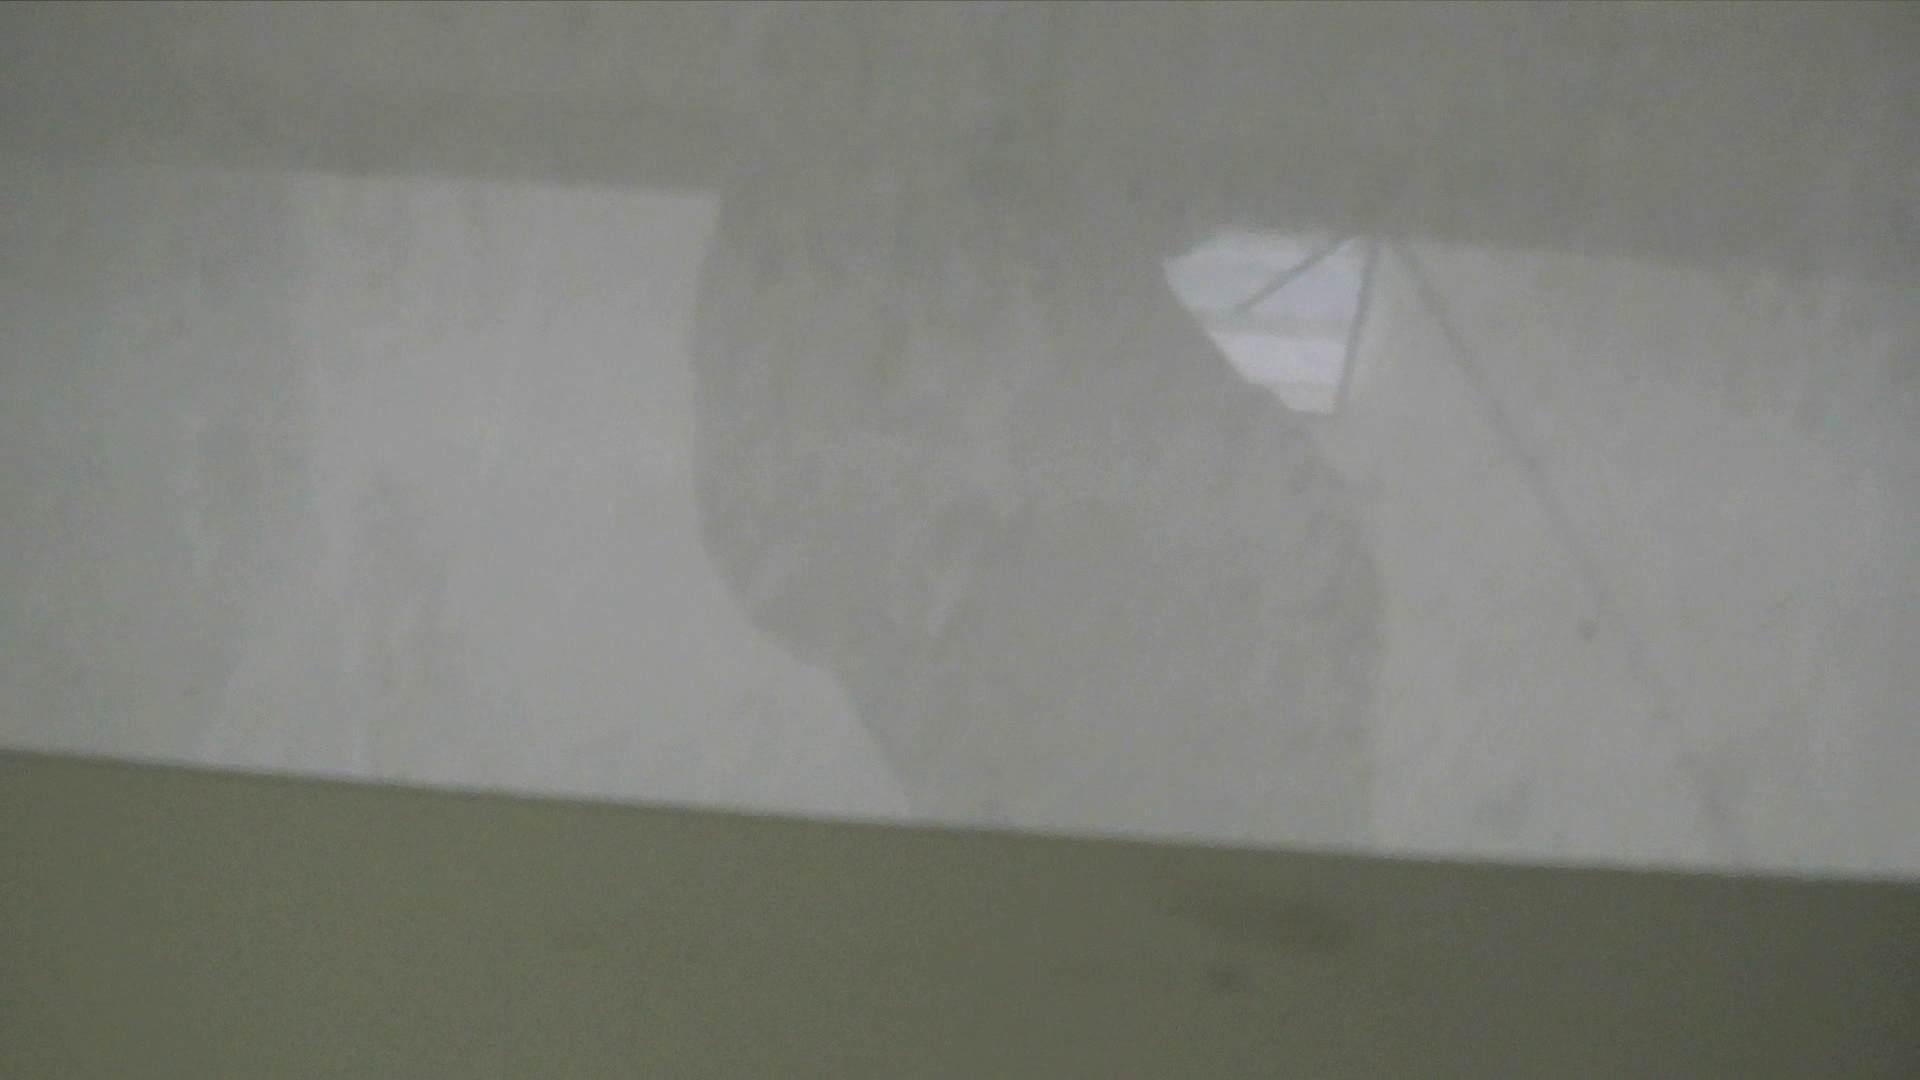 お市さんの「お尻丸出しジャンボリー」No.02 排泄 覗き性交動画流出 42連発 13